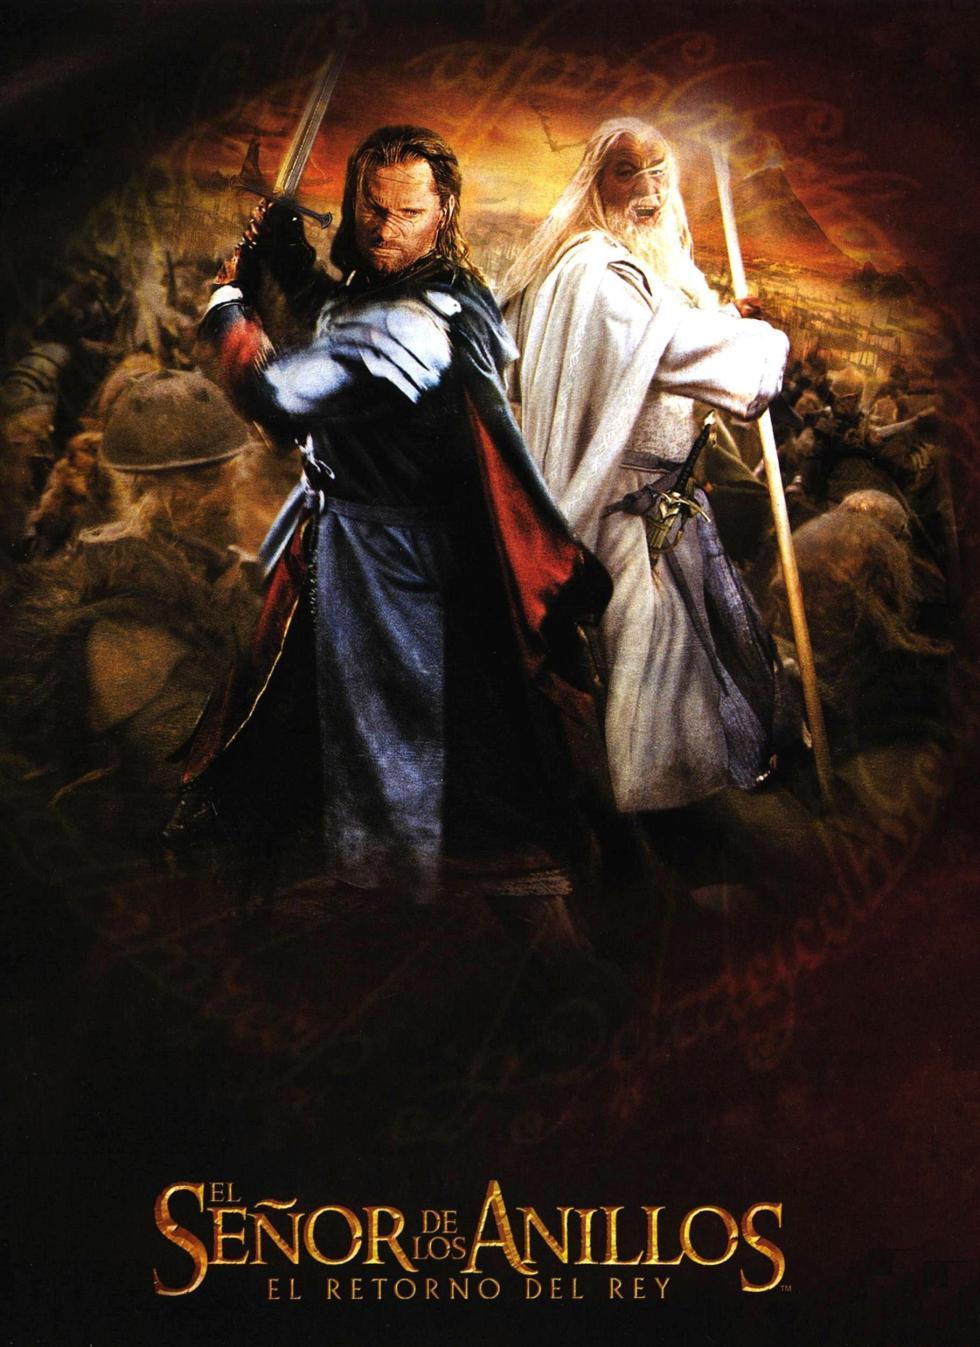 El señor de los anillos: El retorno del Rey